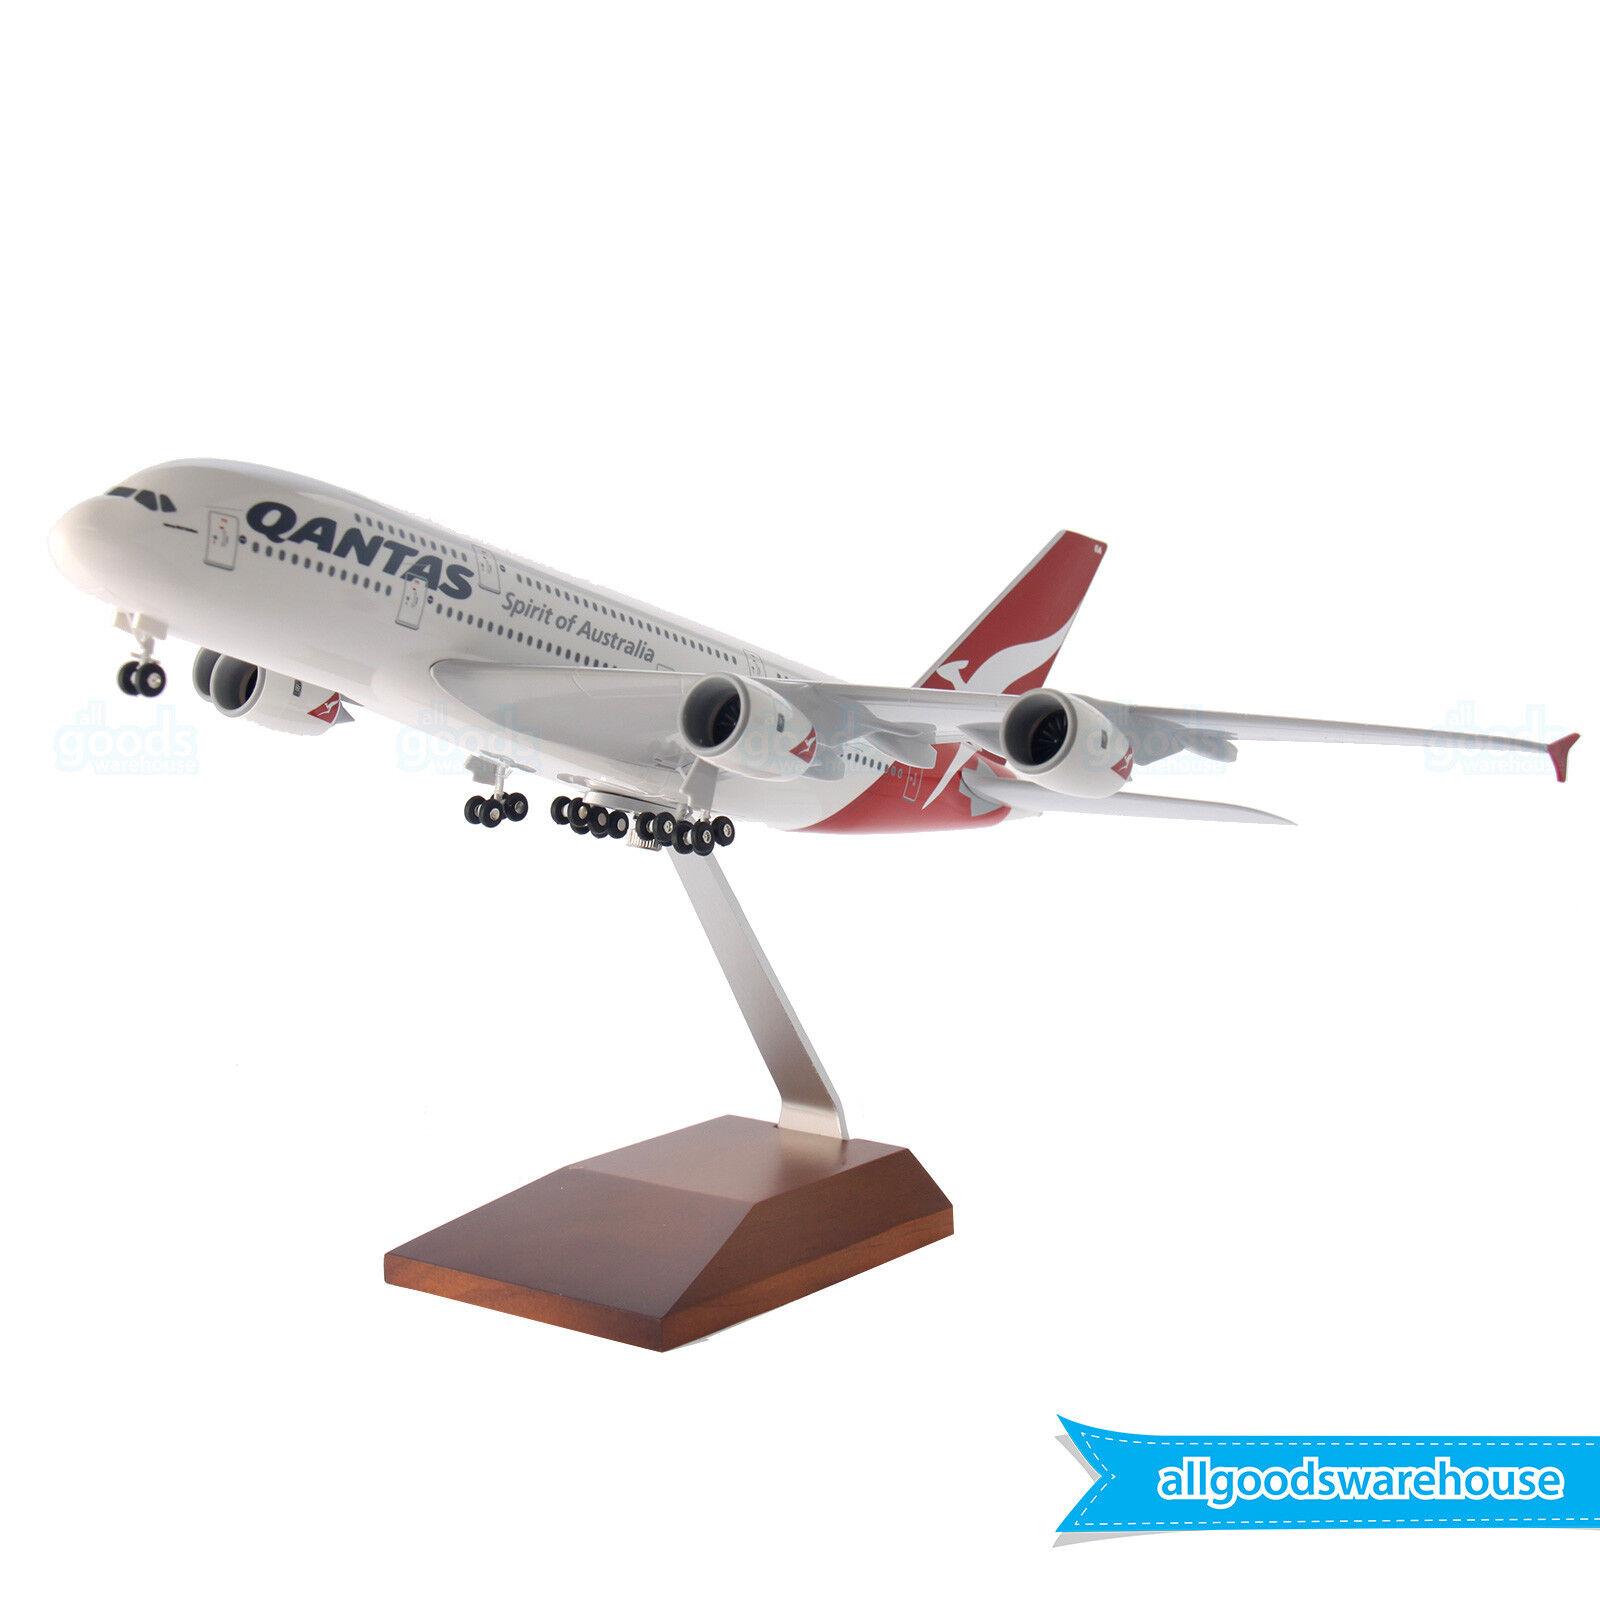 Qantas Airbus A380-800 VH-oqa 1 200 Escala Modelo Plástico réplica A380 aviones